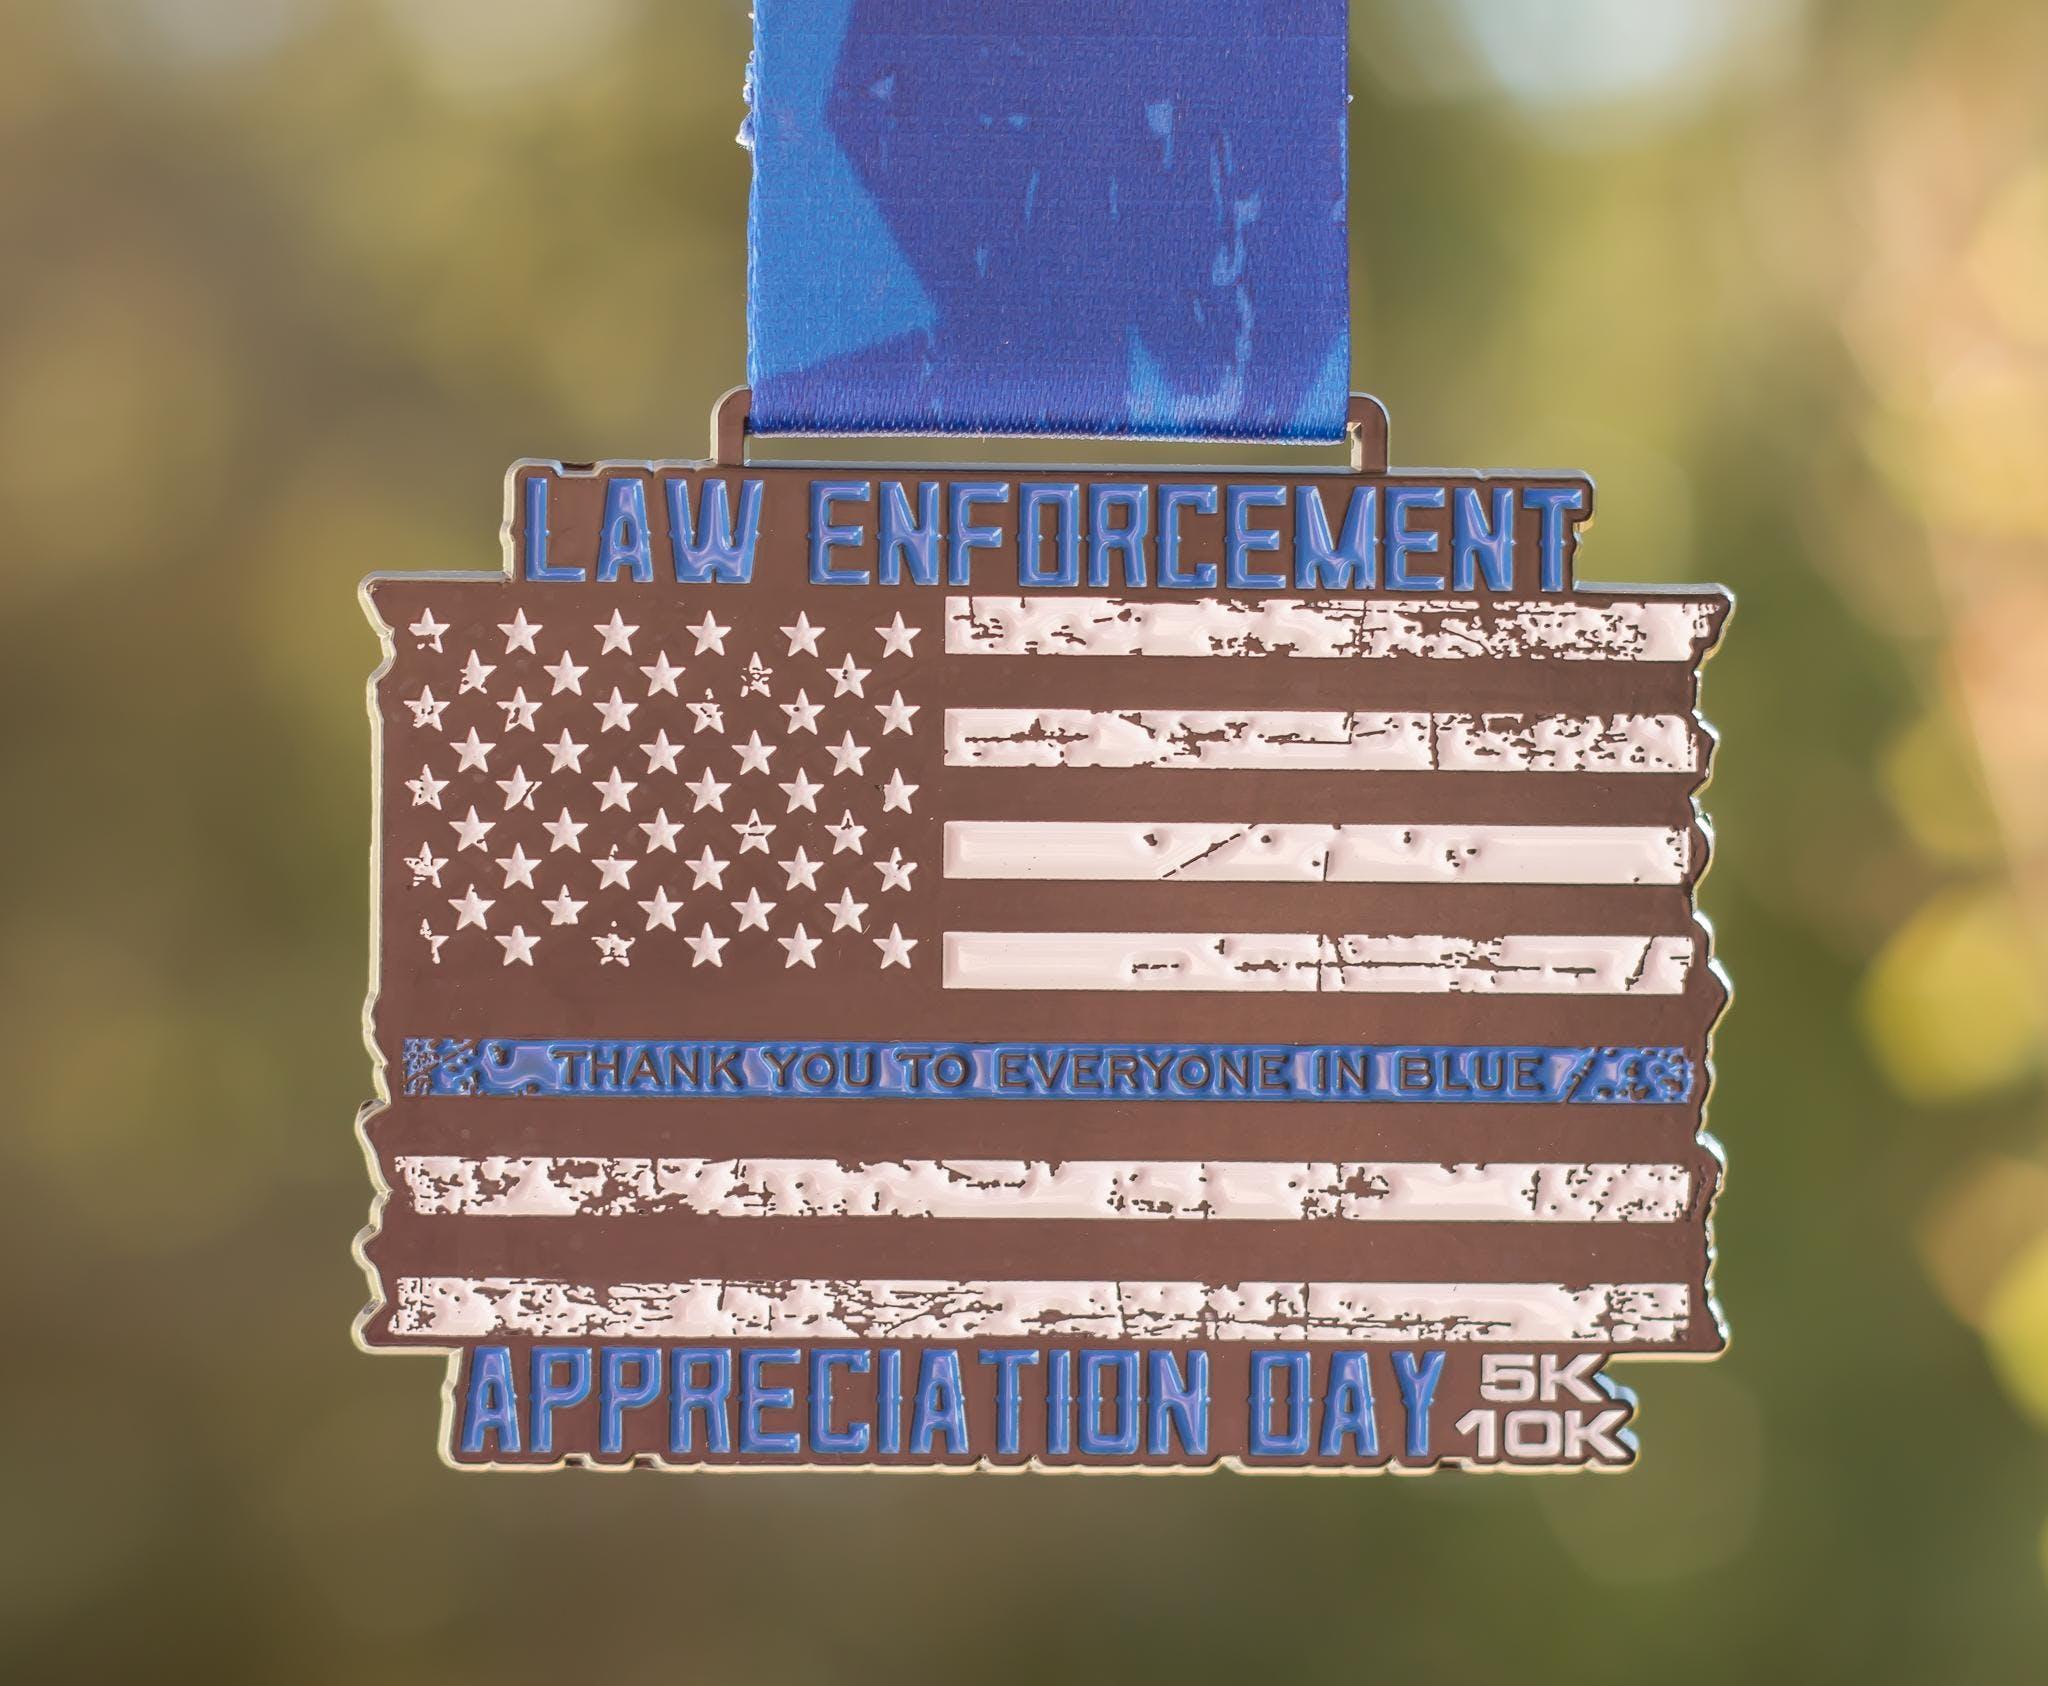 2019 Law Enforcement Appreciation Day 5K & 10K - Scottsdale